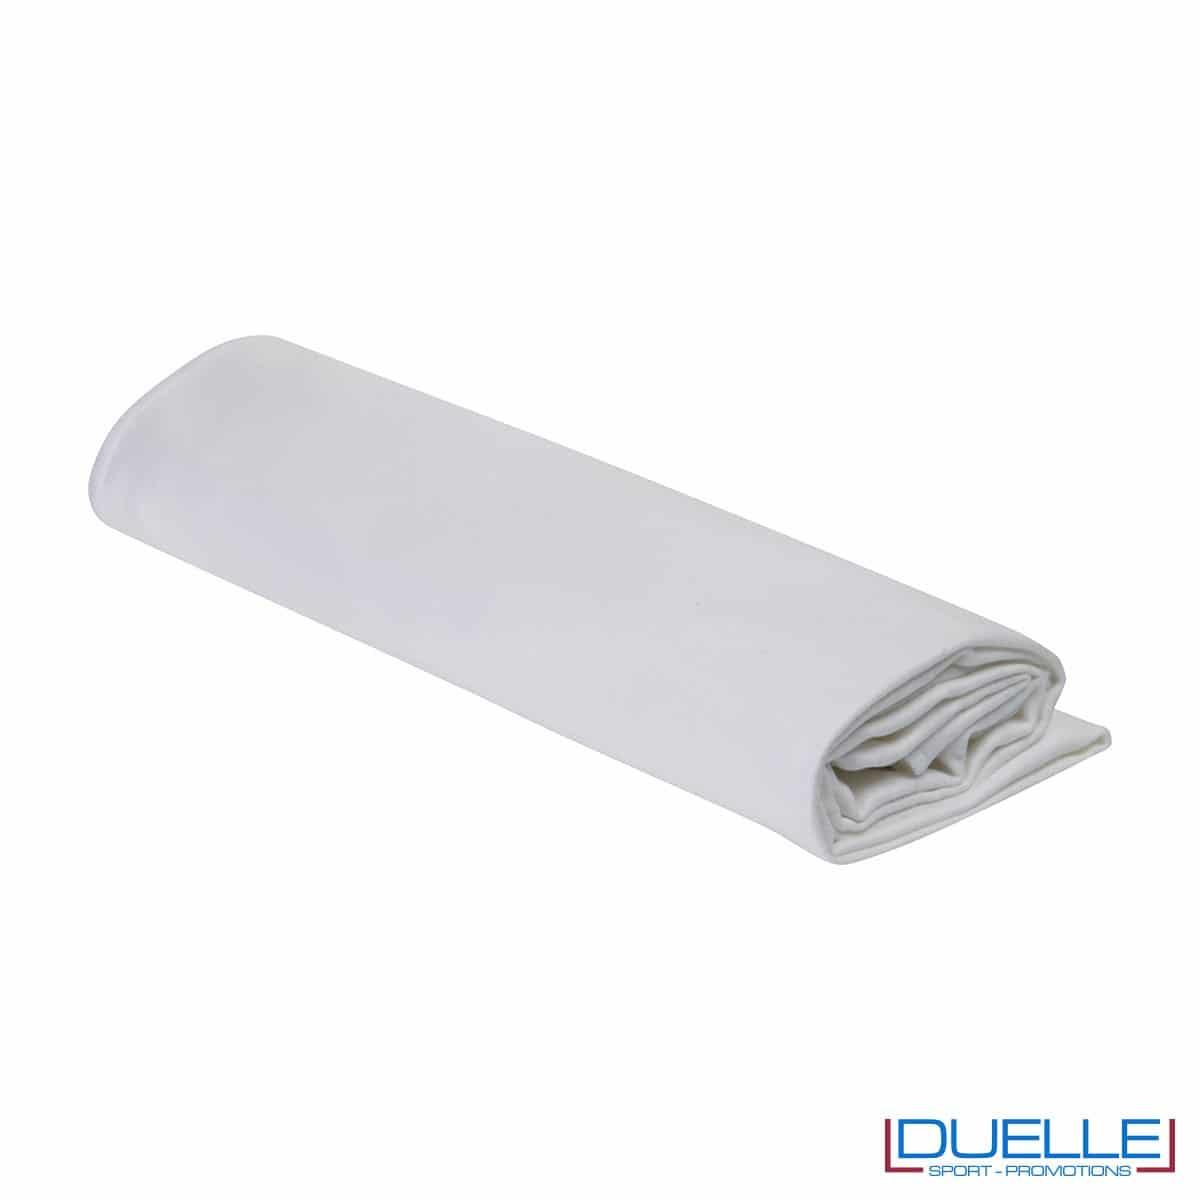 asciugamano personalizzato in microfibra colore BIANCO da palestra e centro fitness da personalizzare con stampa a colori o ricamo, gadget sportivi personalizzati